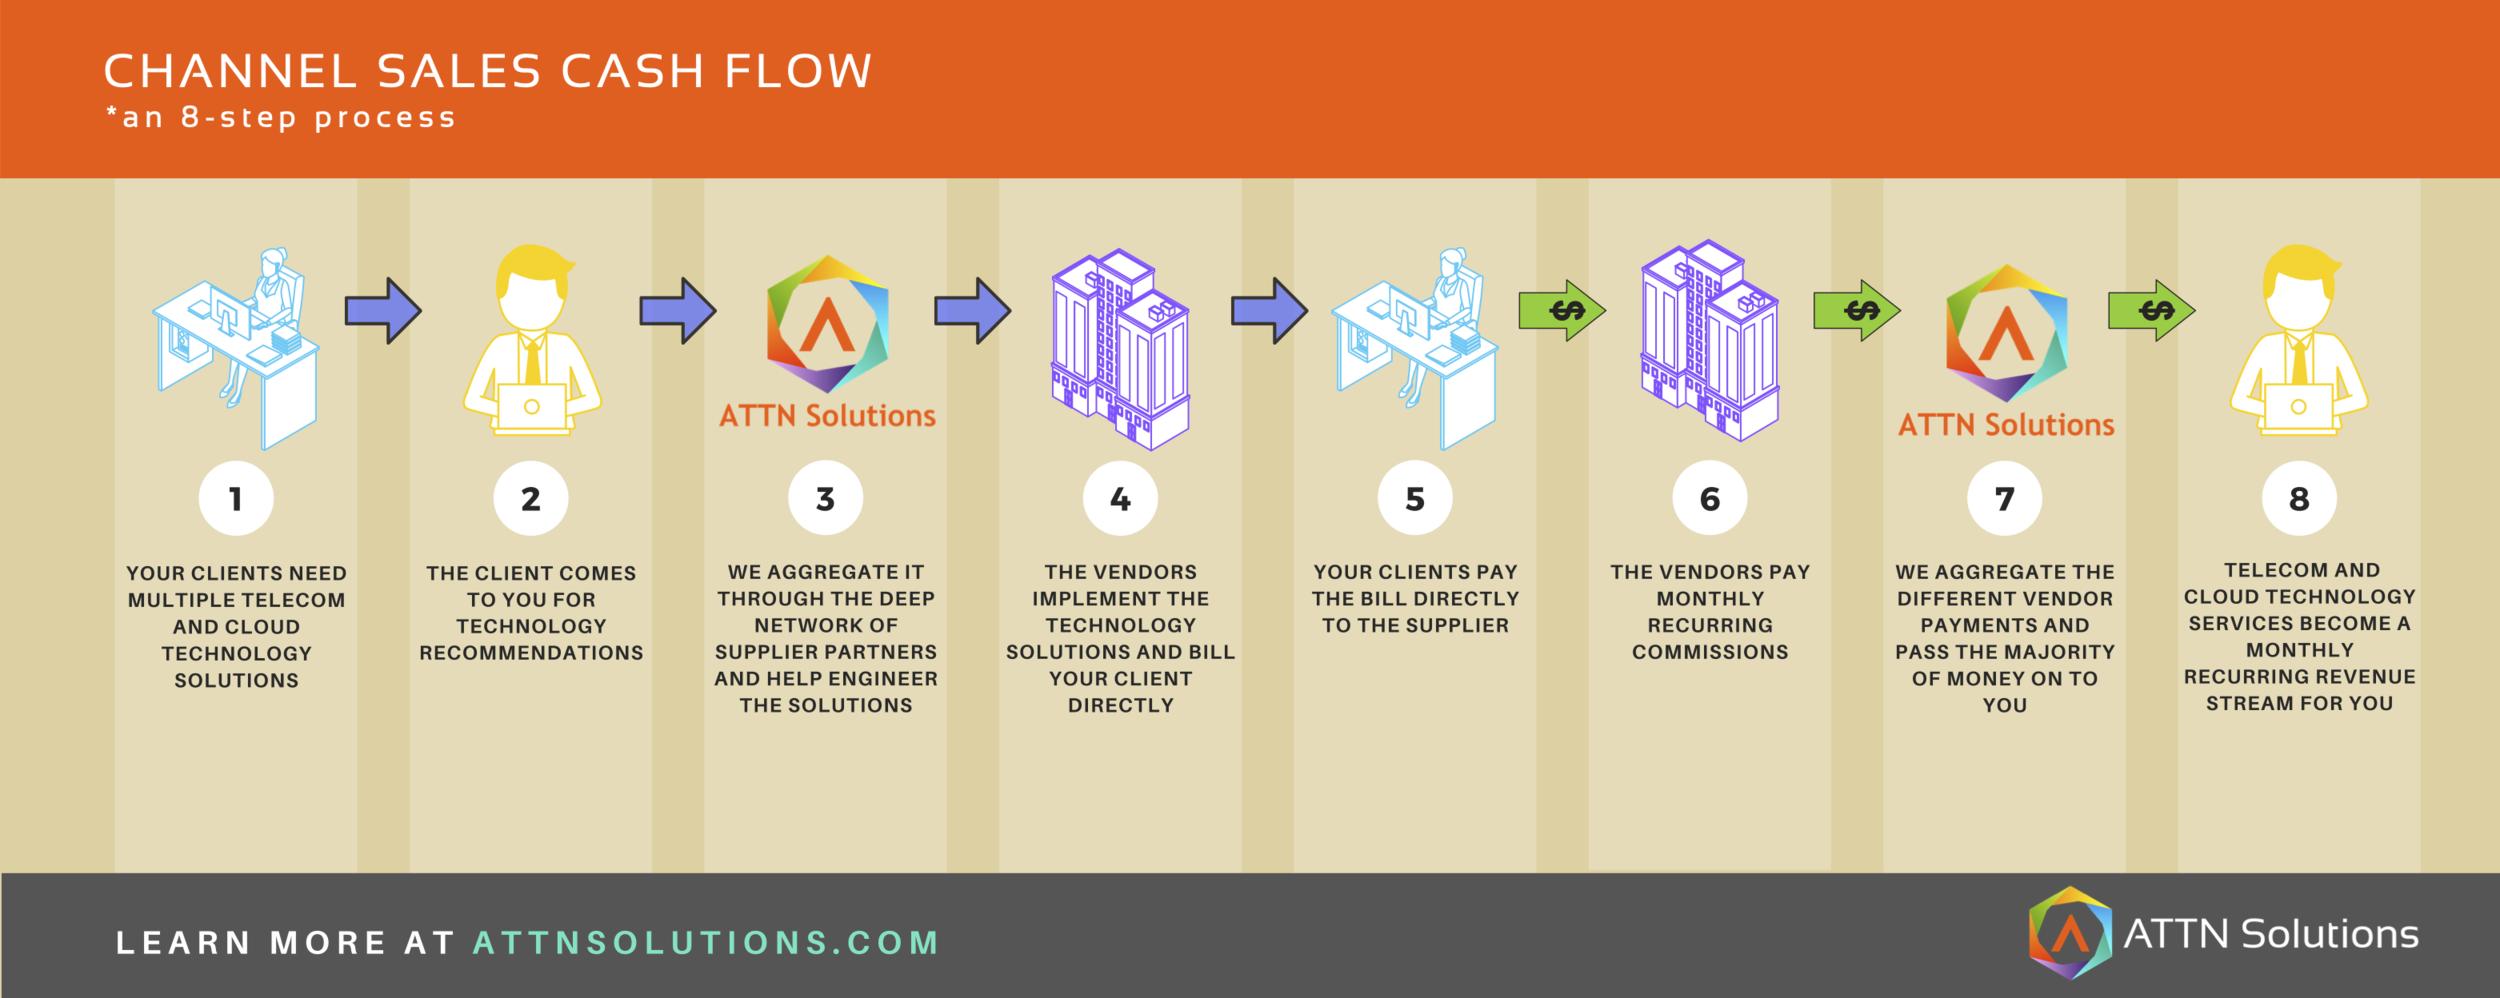 Channel Sales Cash Flow.png